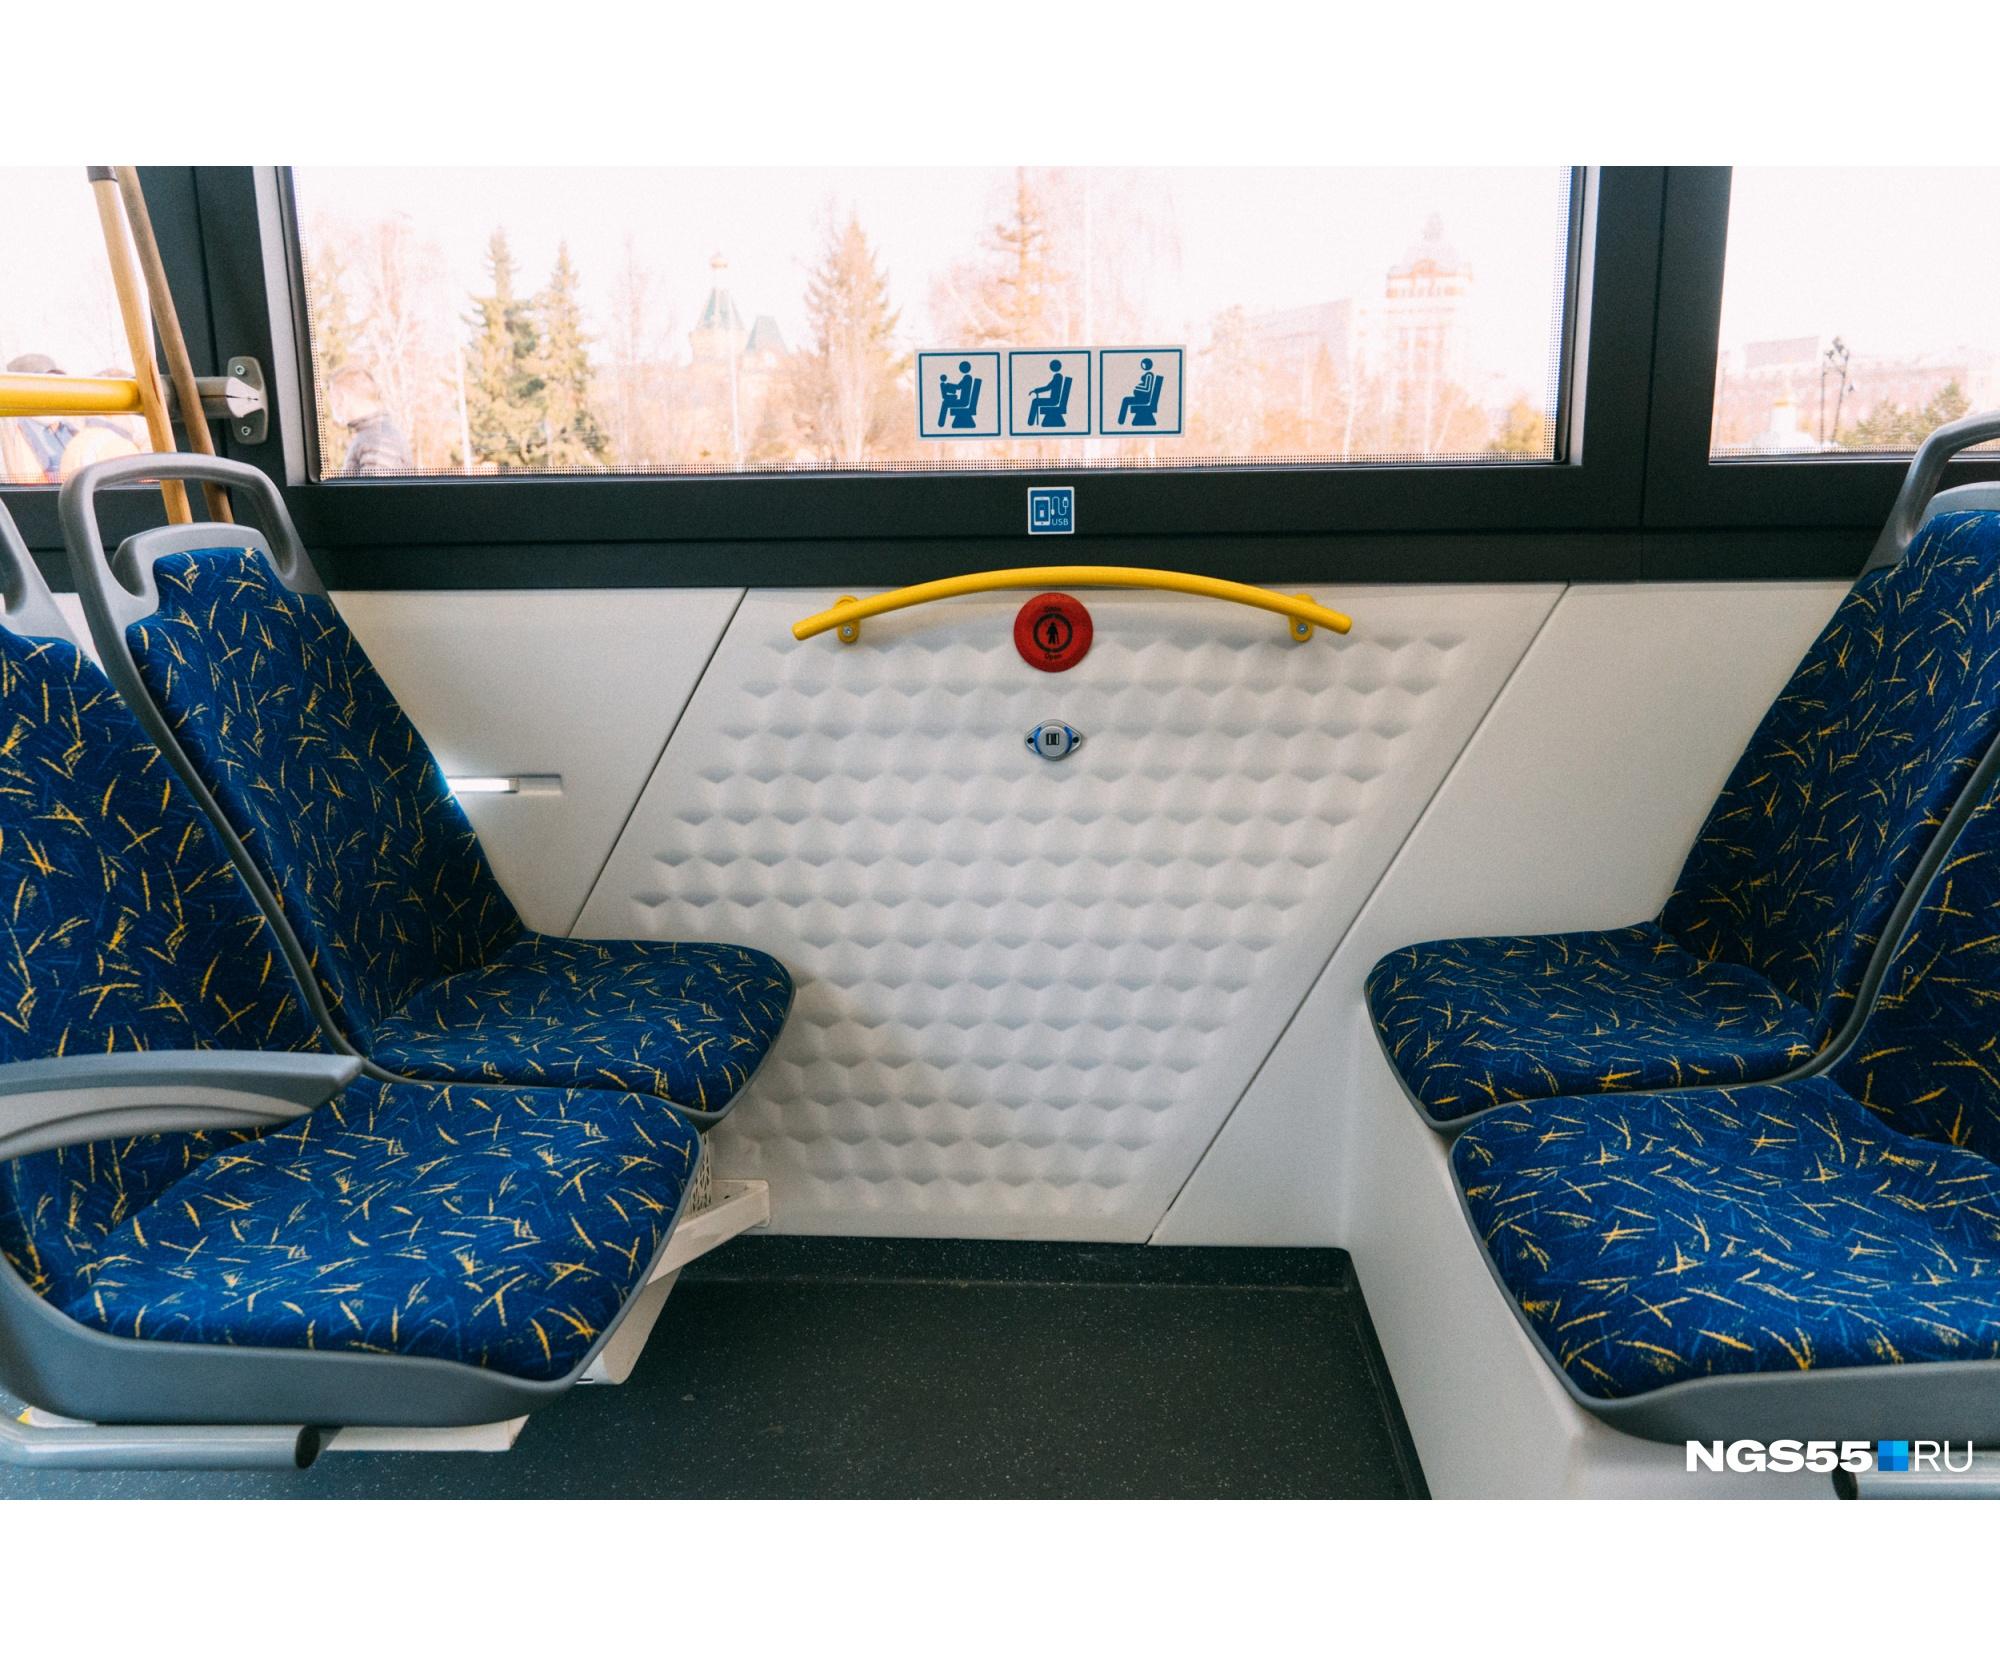 В администрации заверили, что в троллейбусах есть Wi-Fi. Также в них можно заметить USB-разъемы для подзарядки телефонов